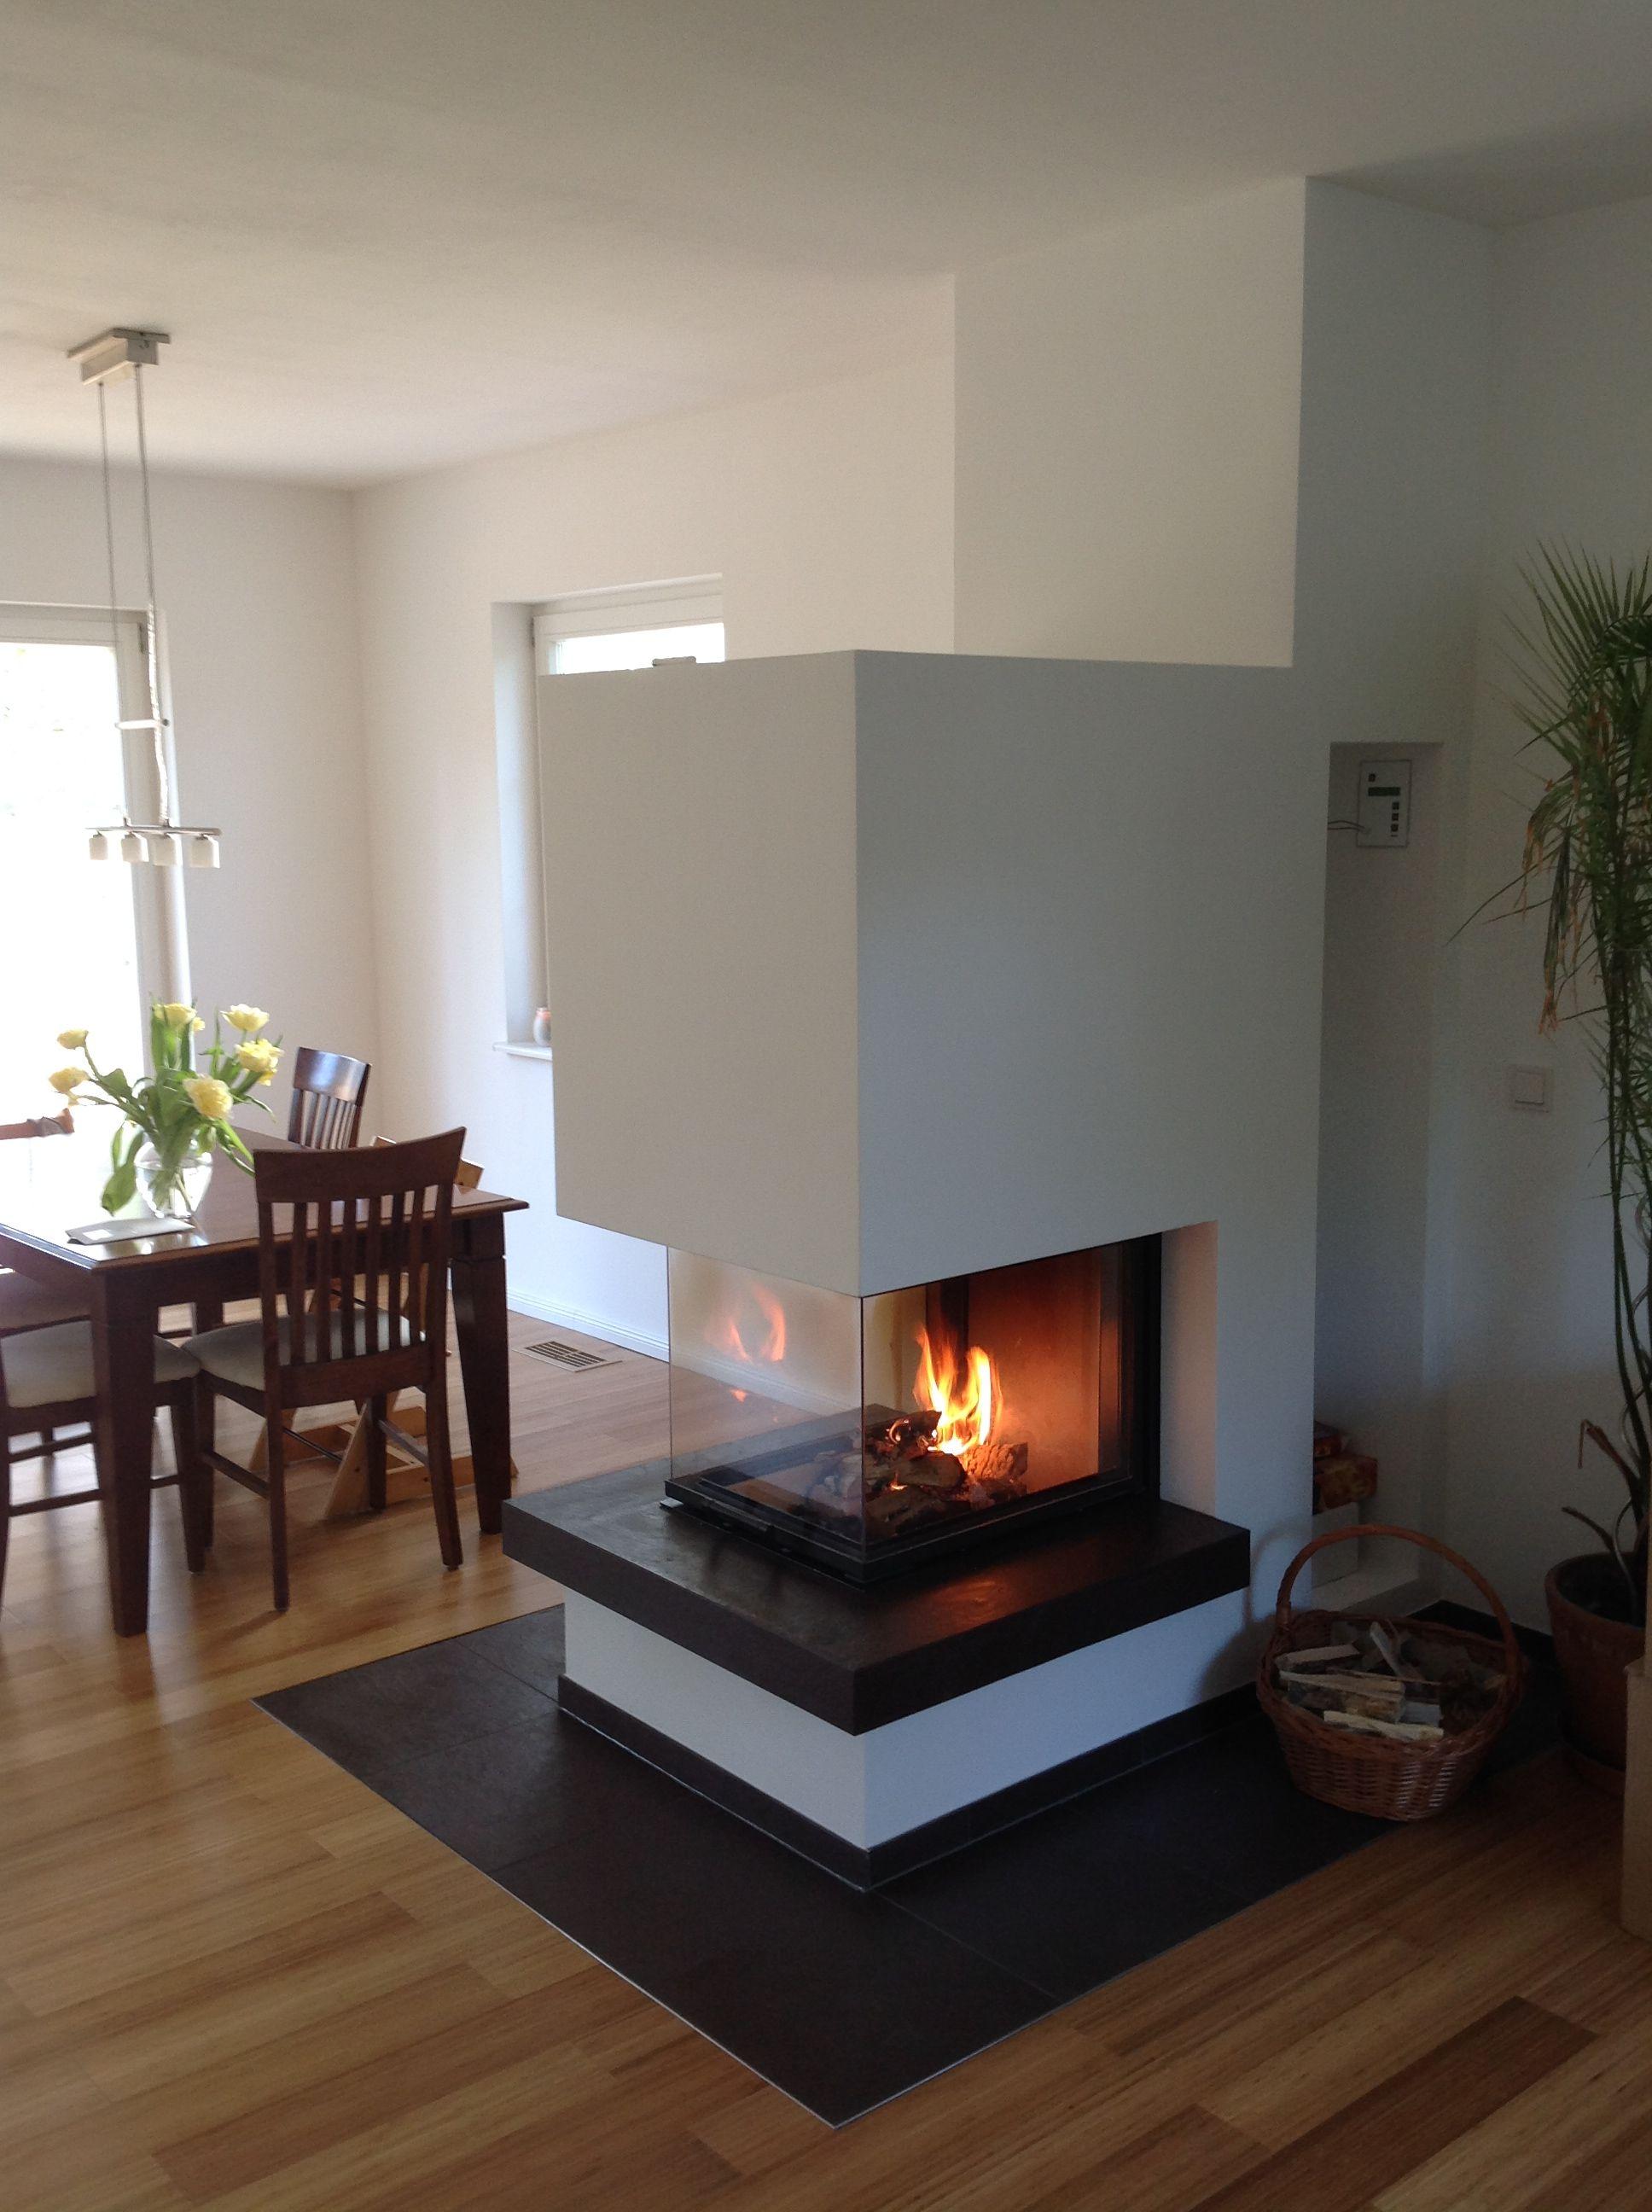 Elegant Kamin Ideen Referenz Von Ofenbau Weinert #kamin #wohnen #handwerk #feuer